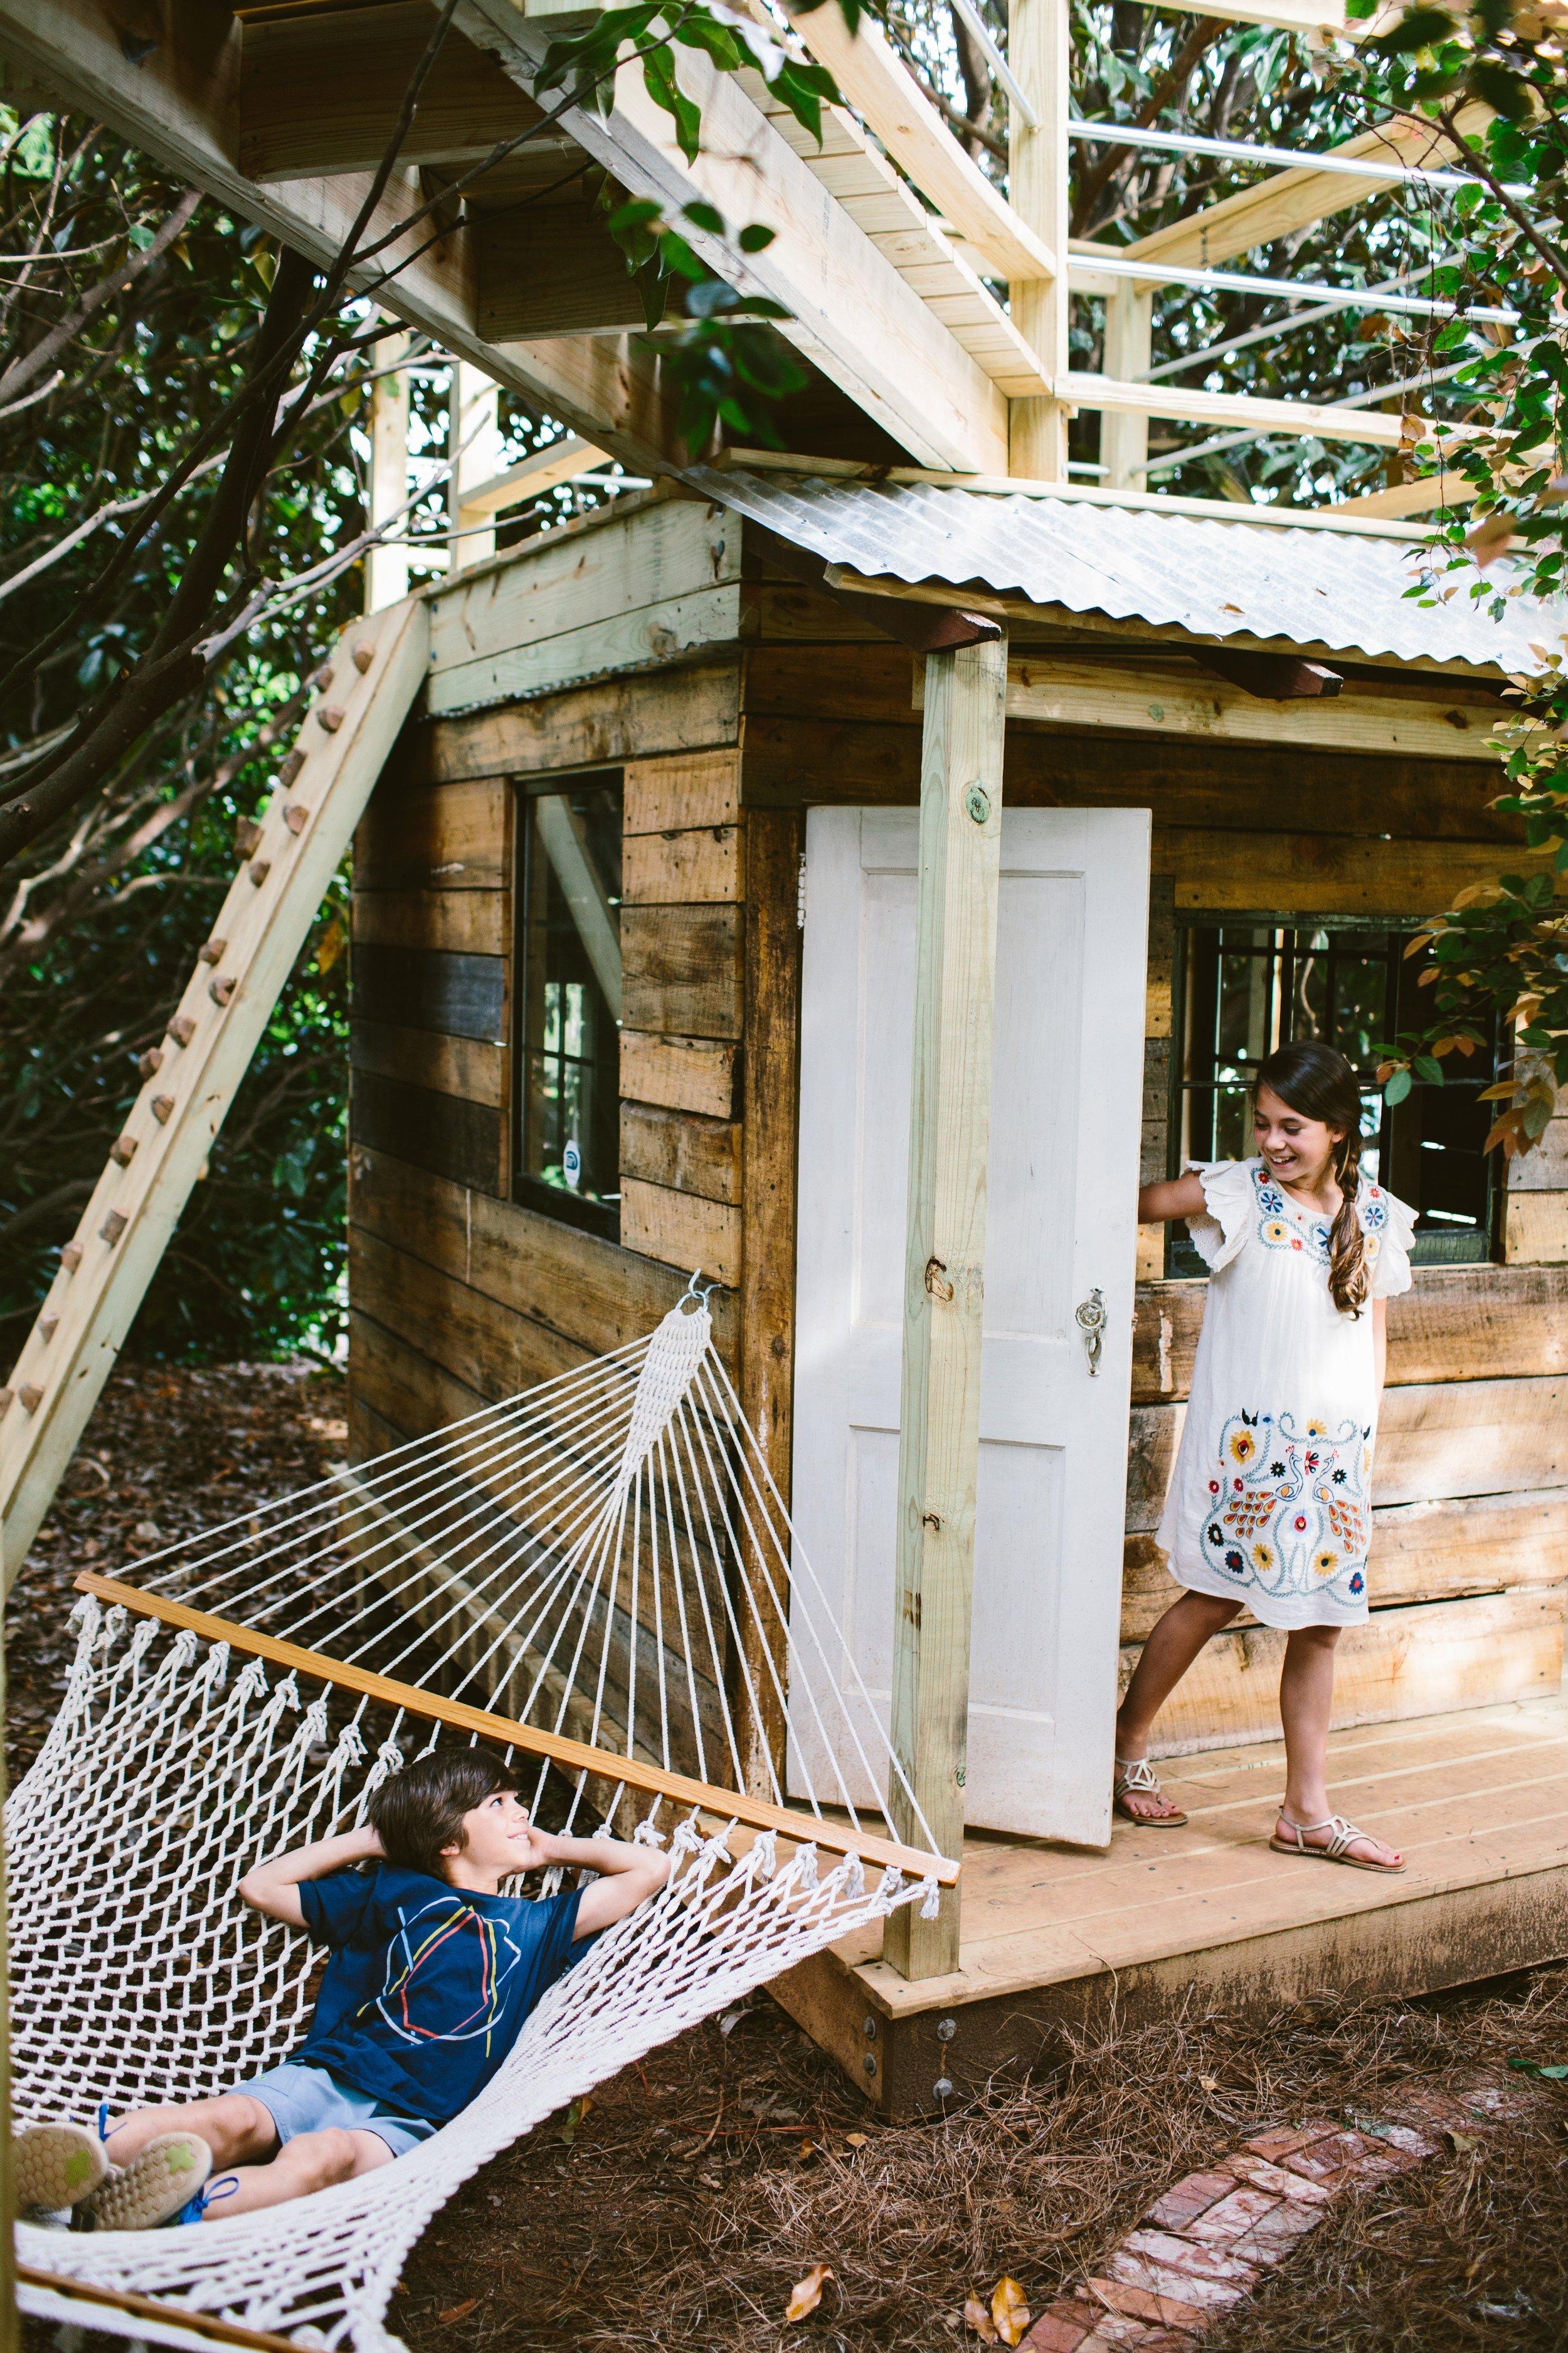 Kids in Treehouse.jpg